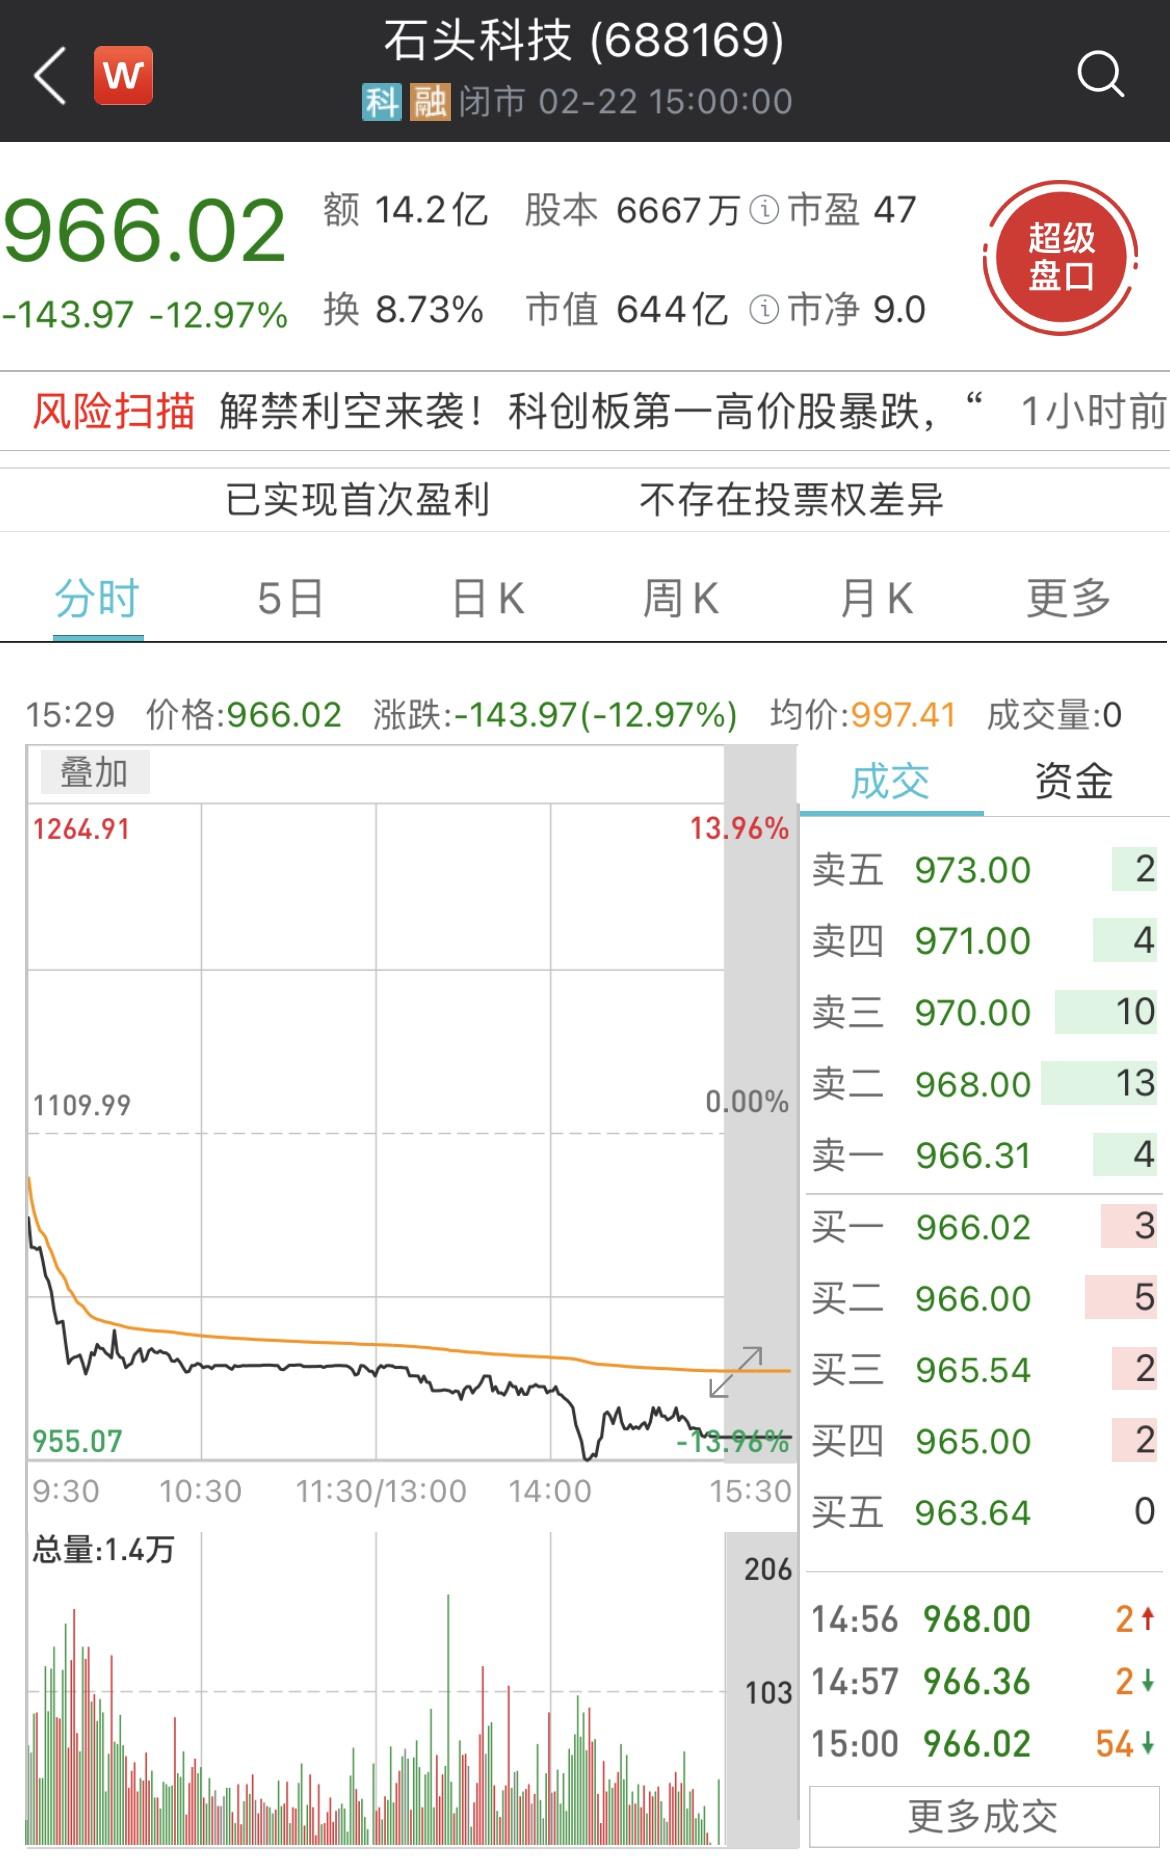 石头科技股价重挫跌破千元 10名股东拟合计减持不超11.1%股份